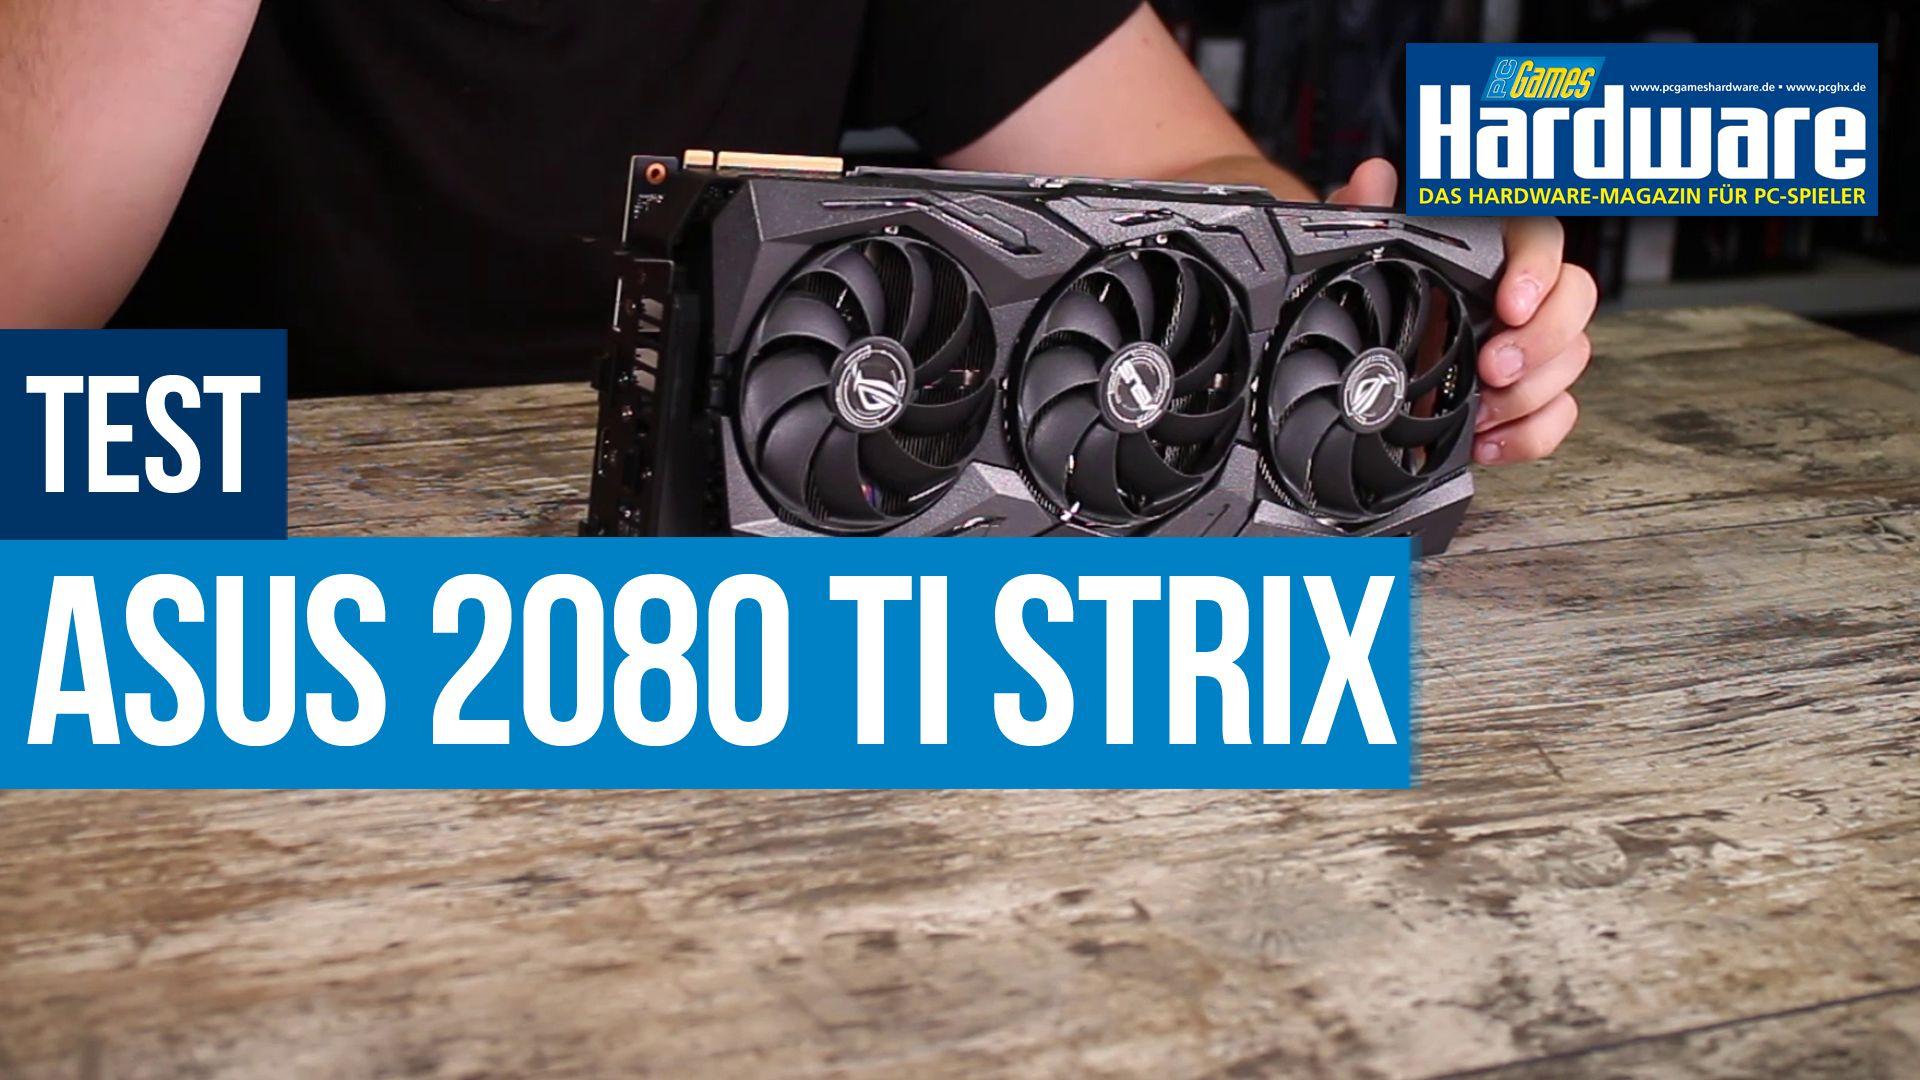 Asus Geforce RTX 2080 Ti Strix im Test: Kühlleistung, Lautheit und  Overclocking